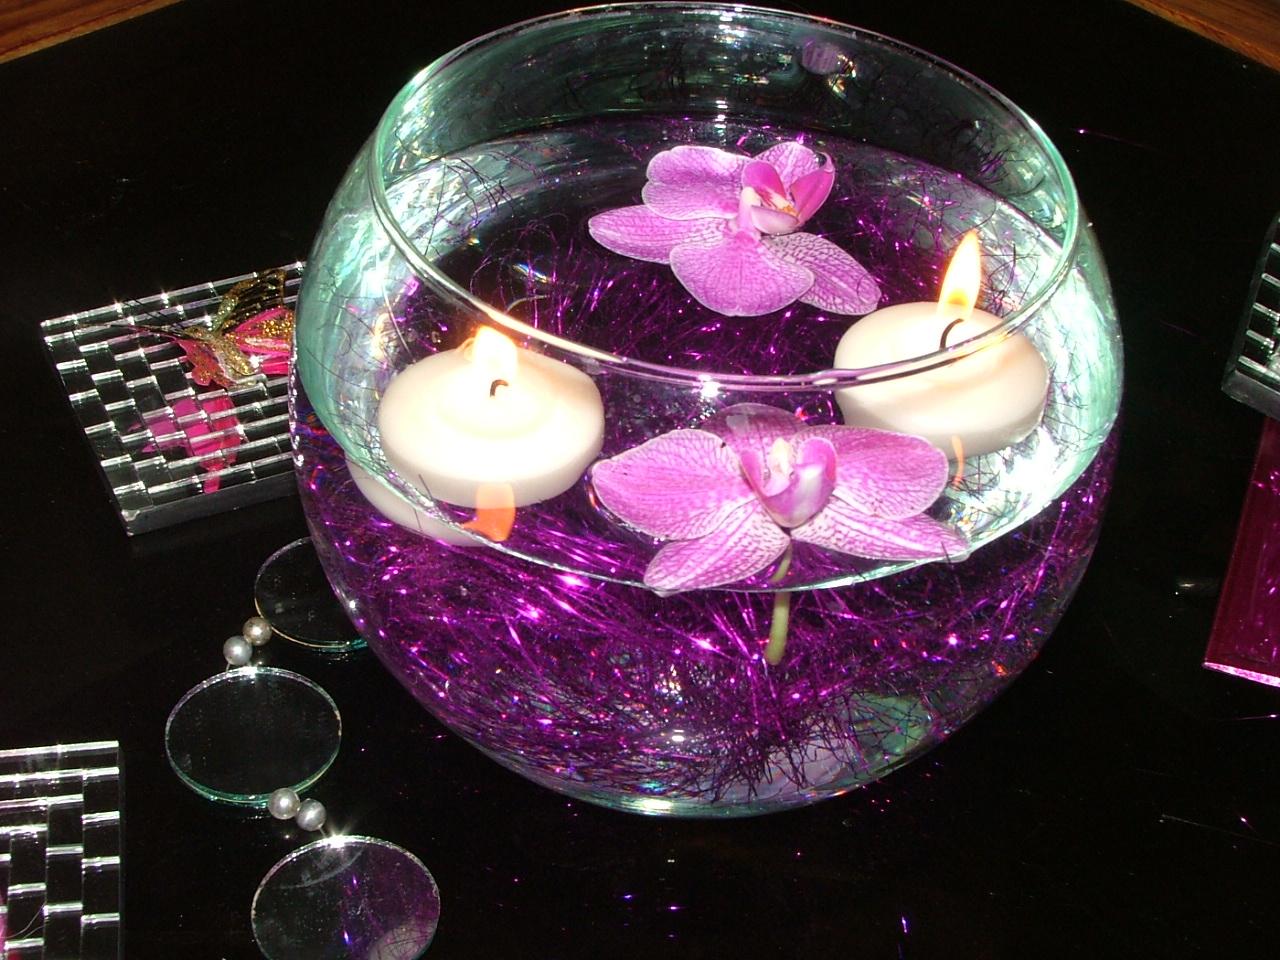 pecera con orchideas y velas flotantes